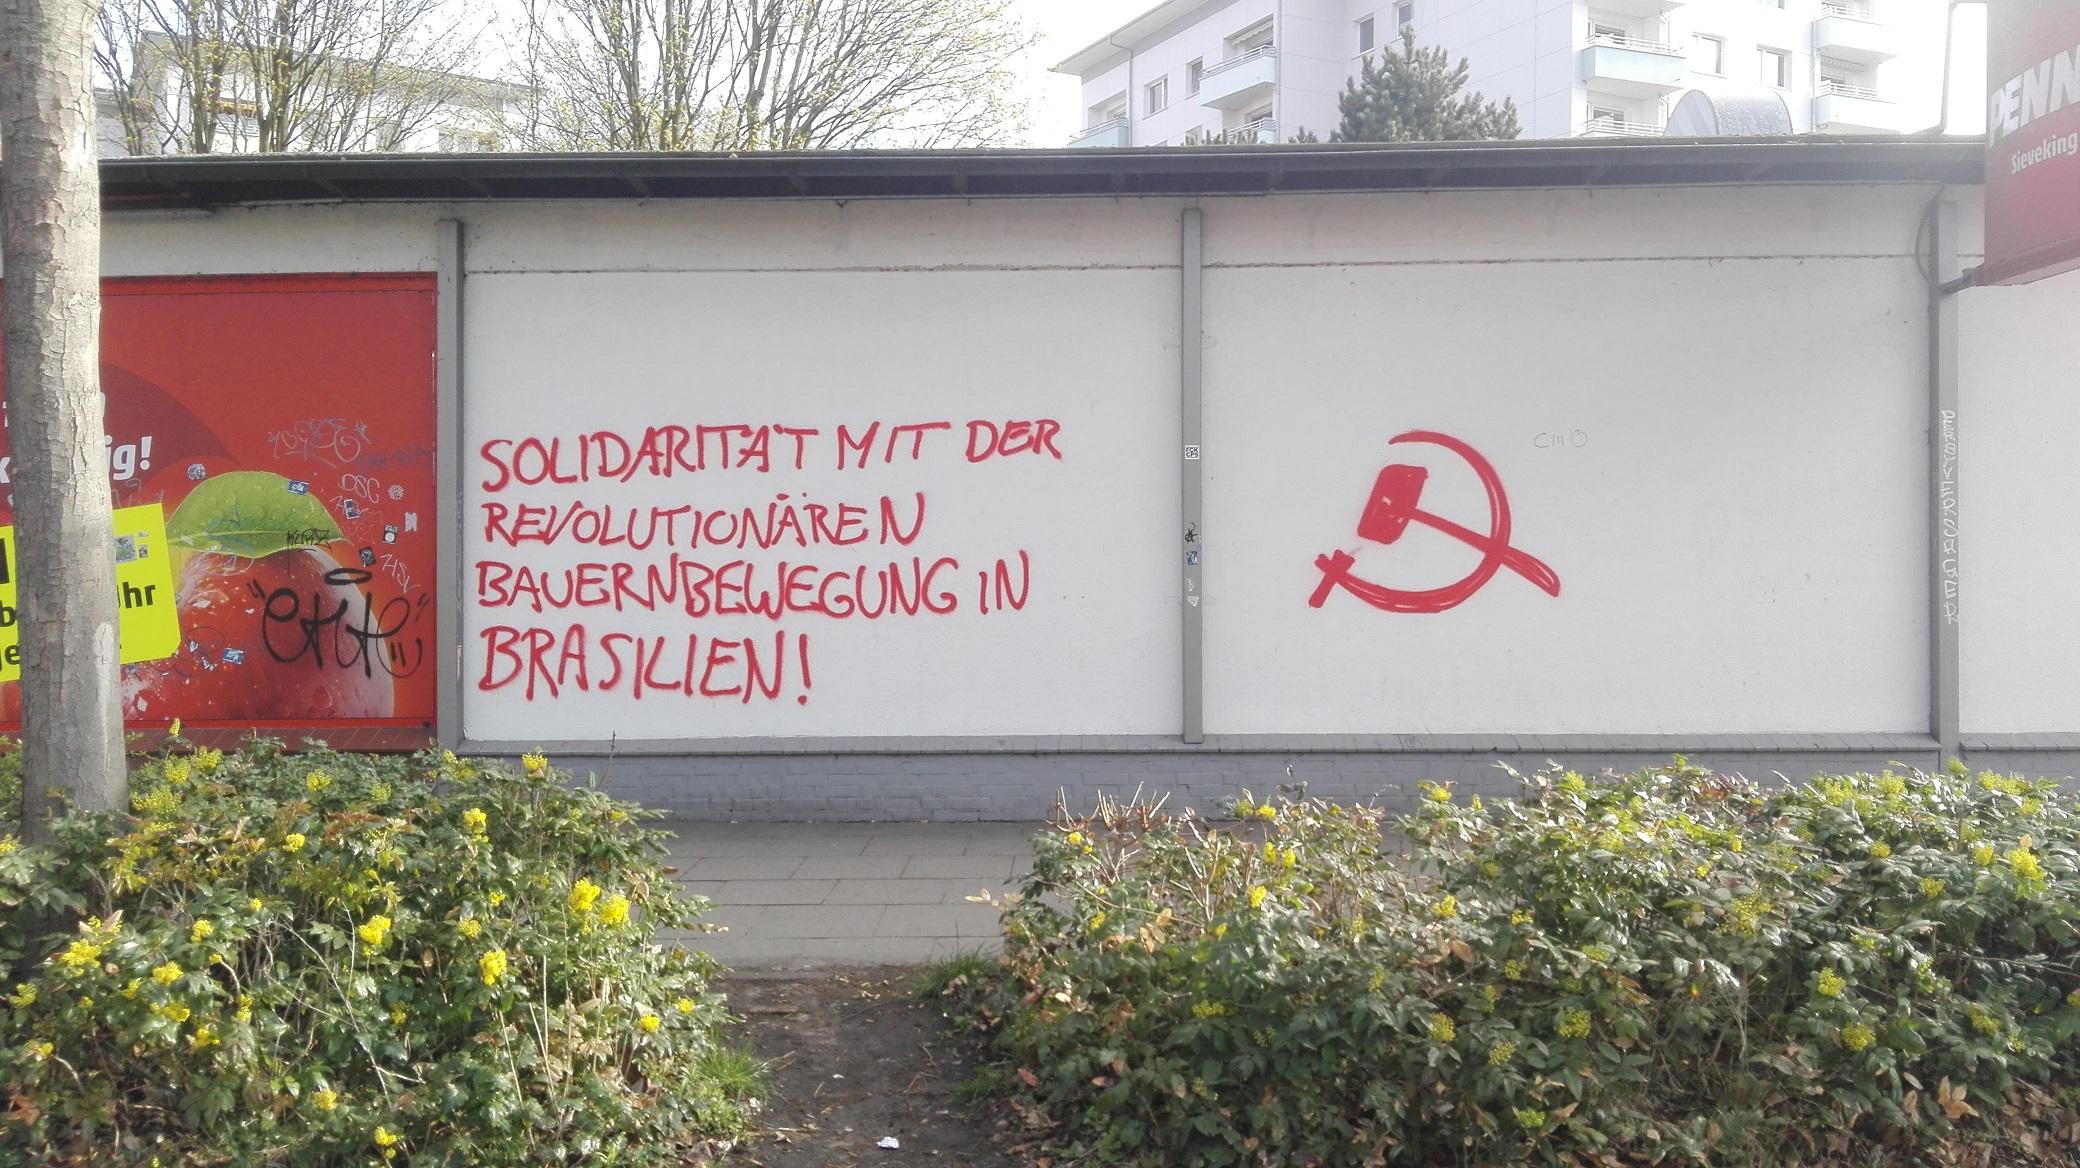 Hamburg Malung für revolutionäre Bauernbewegung in Brasilien 3